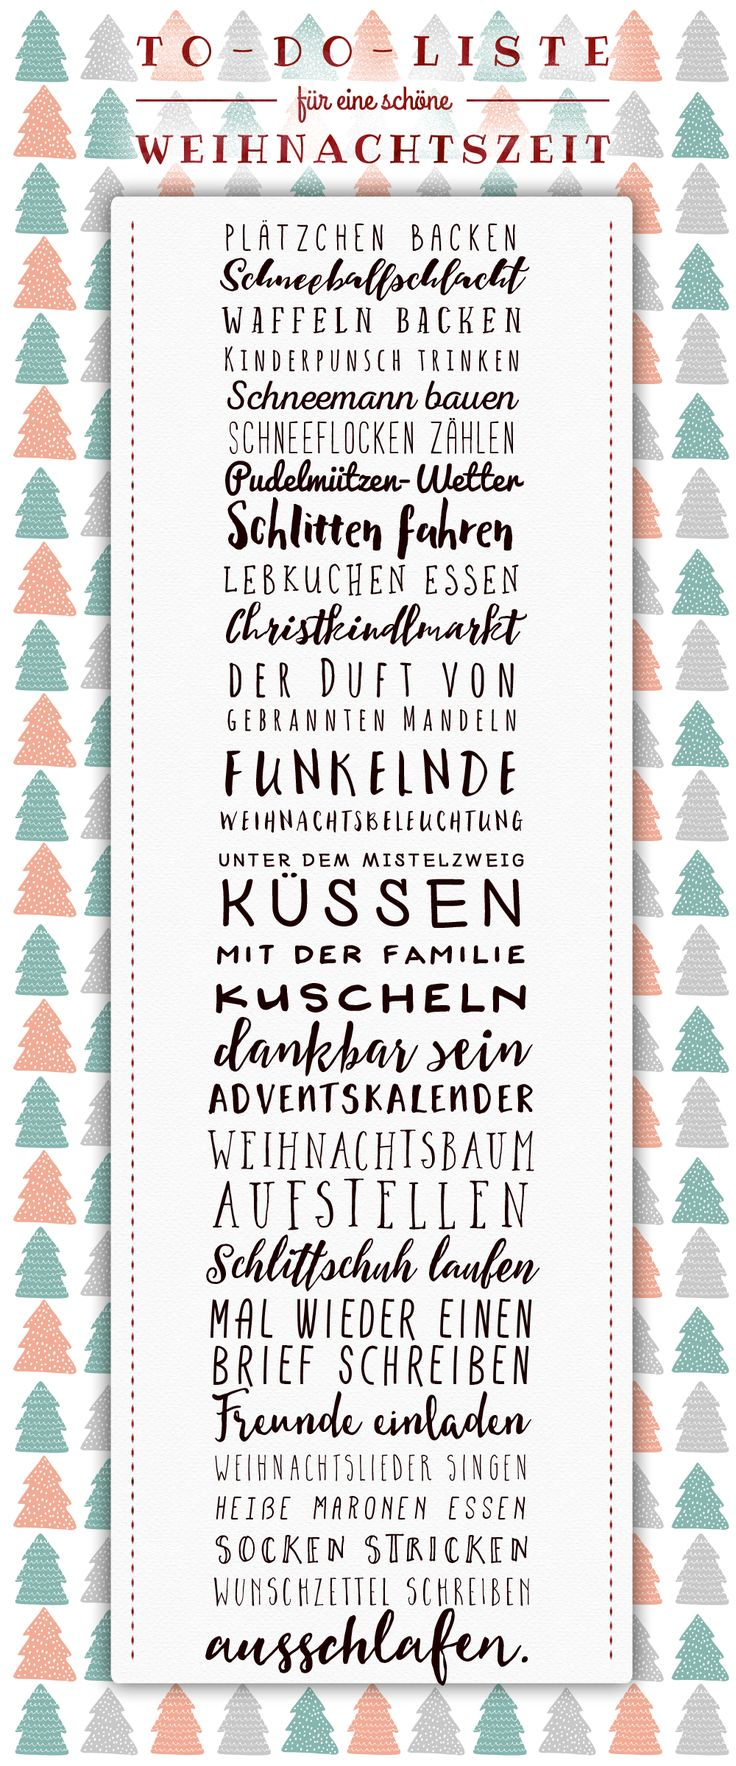 Viele Ideen für eine schöne Weihnachtszeit mit der Familie gibt es auch auf familie.de/weihnachten